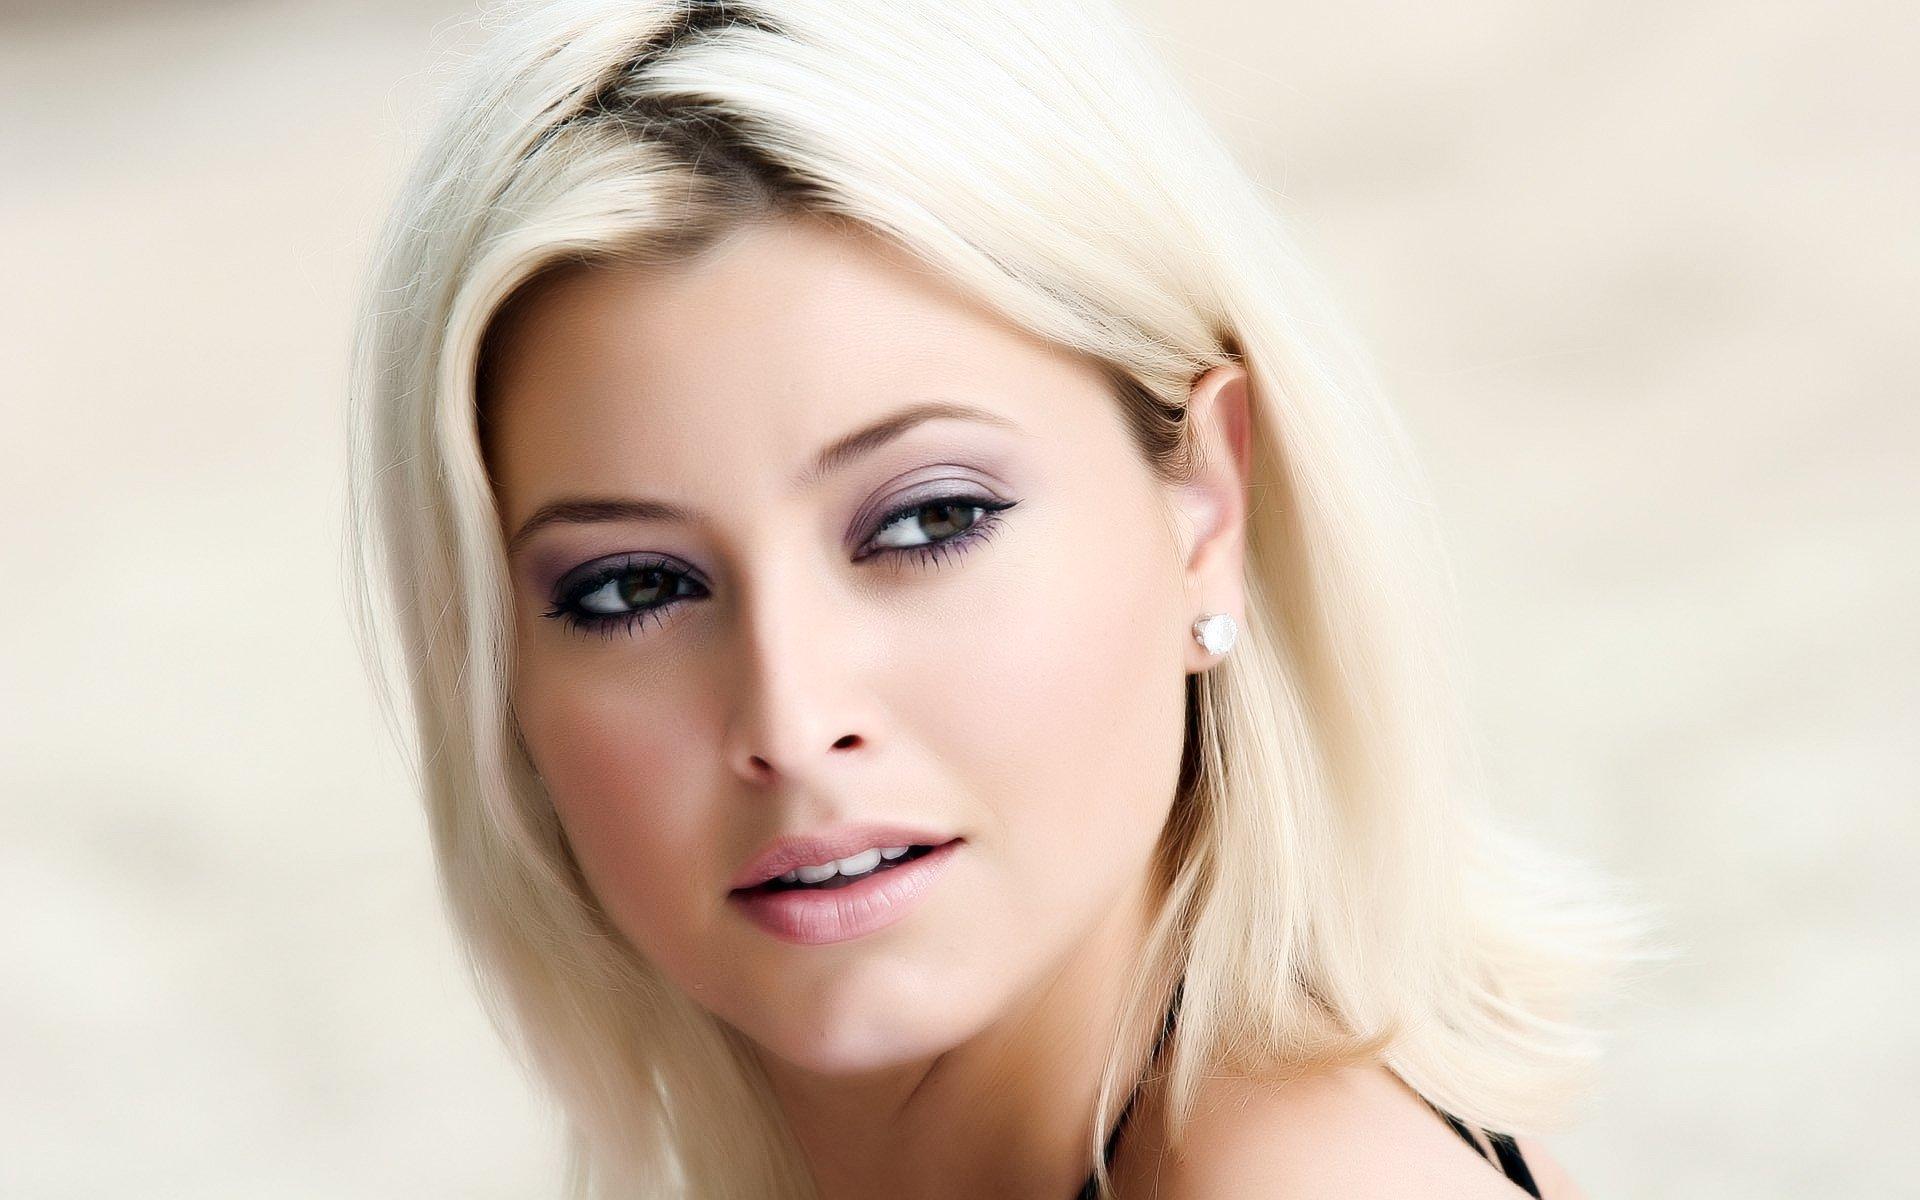 Фото блондинок кому за 40 лет, Самые красивые блондинки старше 40 лет 25 фотография